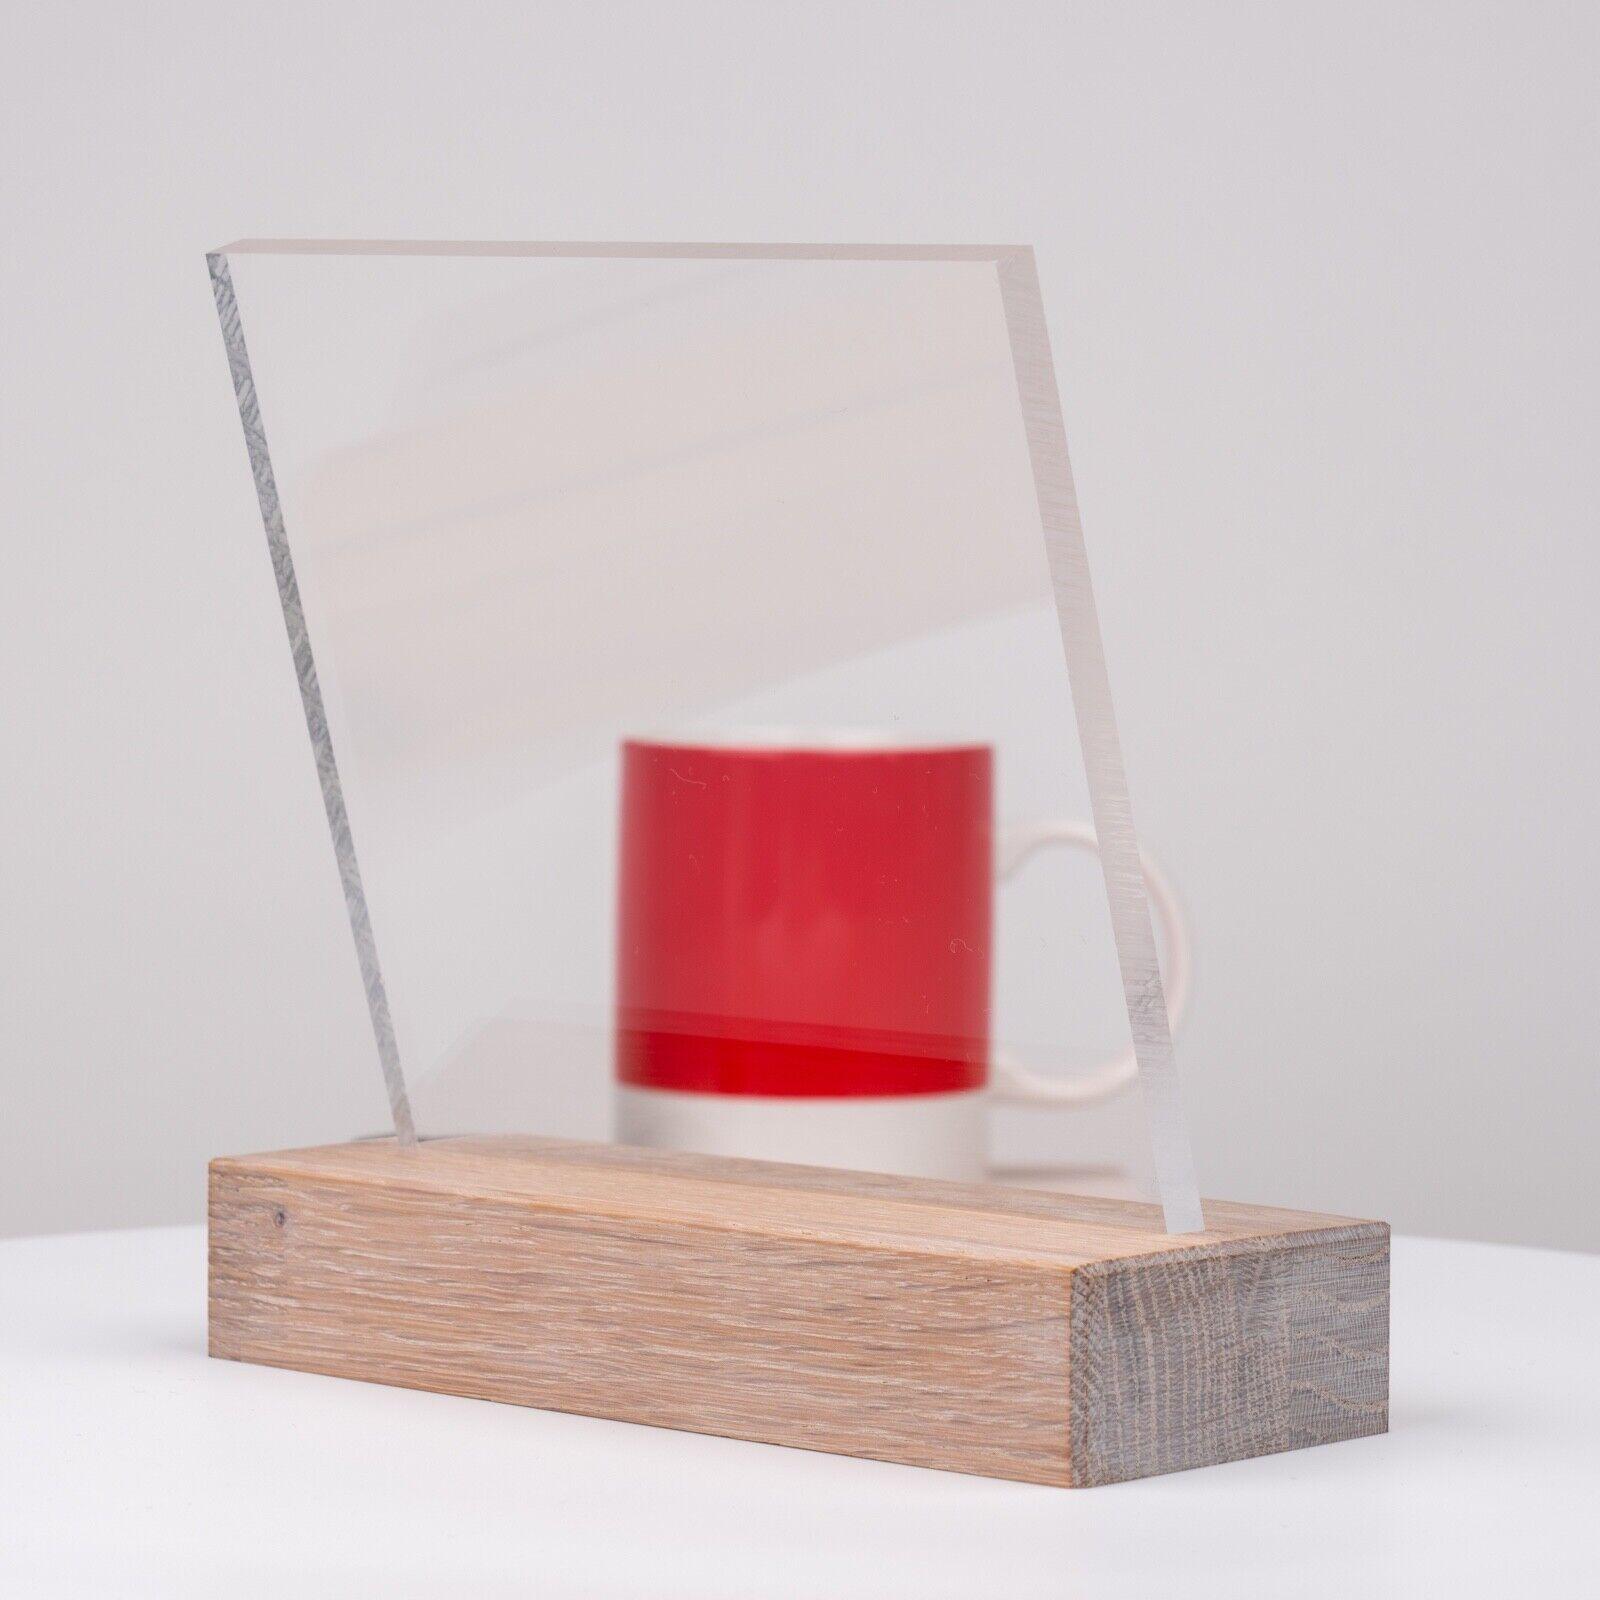 UV-Stabil DOLLE Acrylglas XT PMMA | F/ür Innen und Au/ßen Glasklare Platte in 250 x 250 mm Zuschnitte |St/ärke 10 mm Kanten unbearbeitet